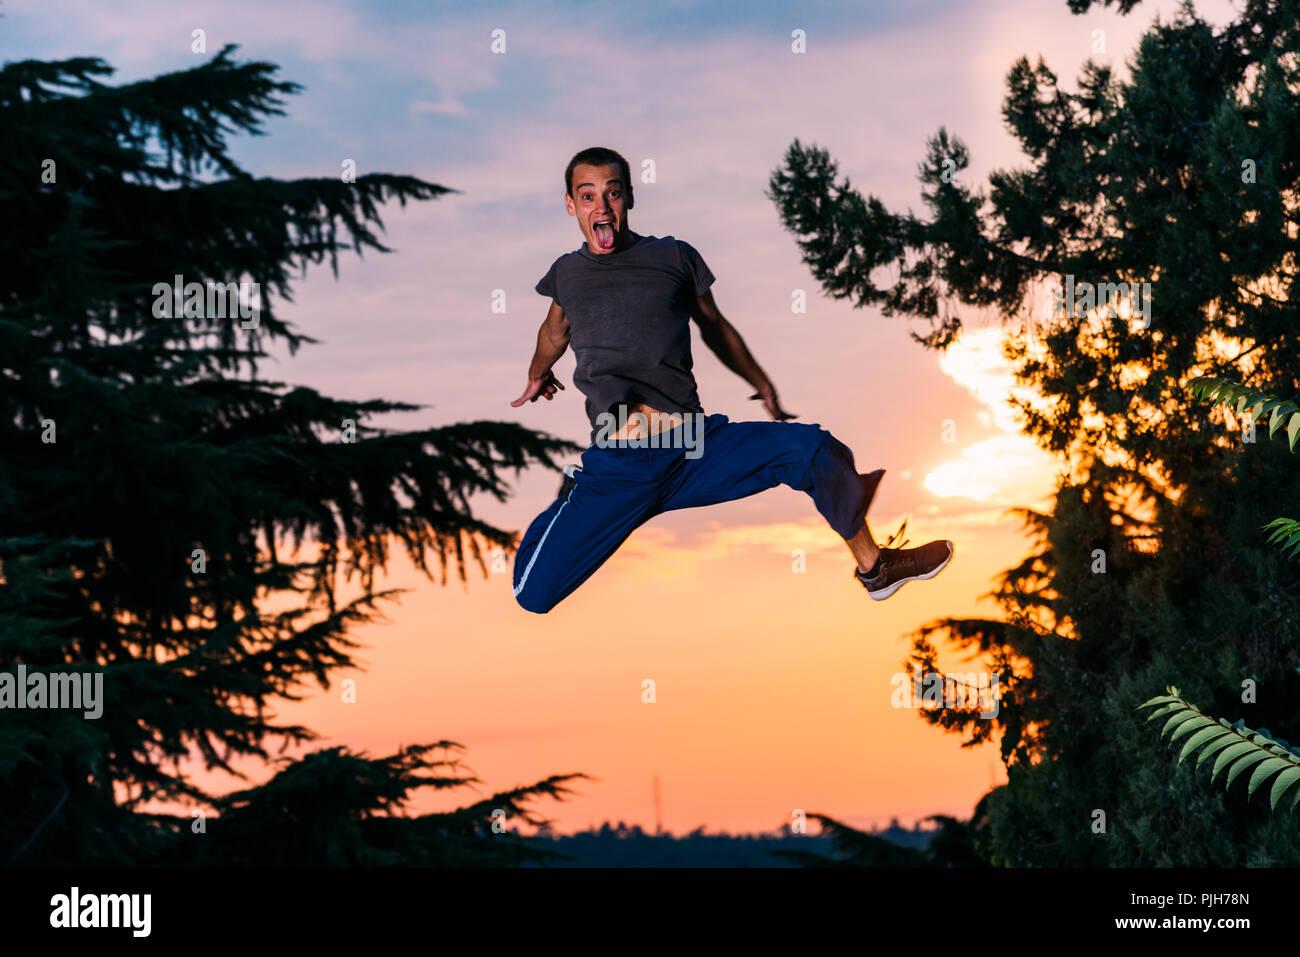 Free runner Mann übung Parkour outdoor beim Springen Stockbild